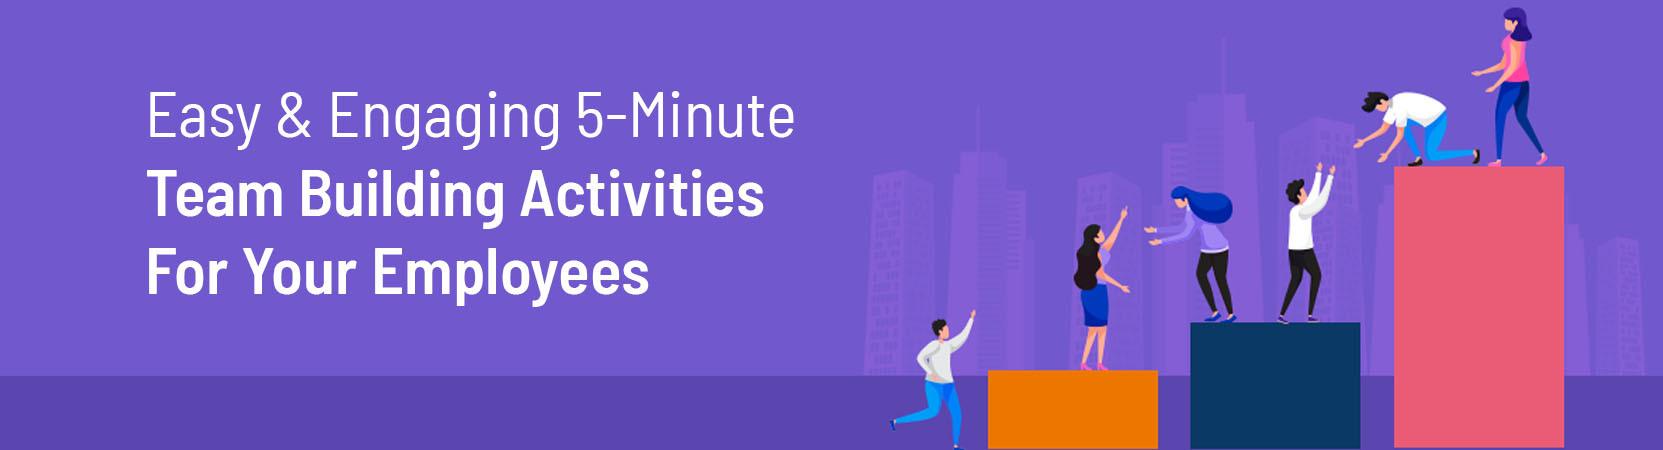 5 minute team building activities